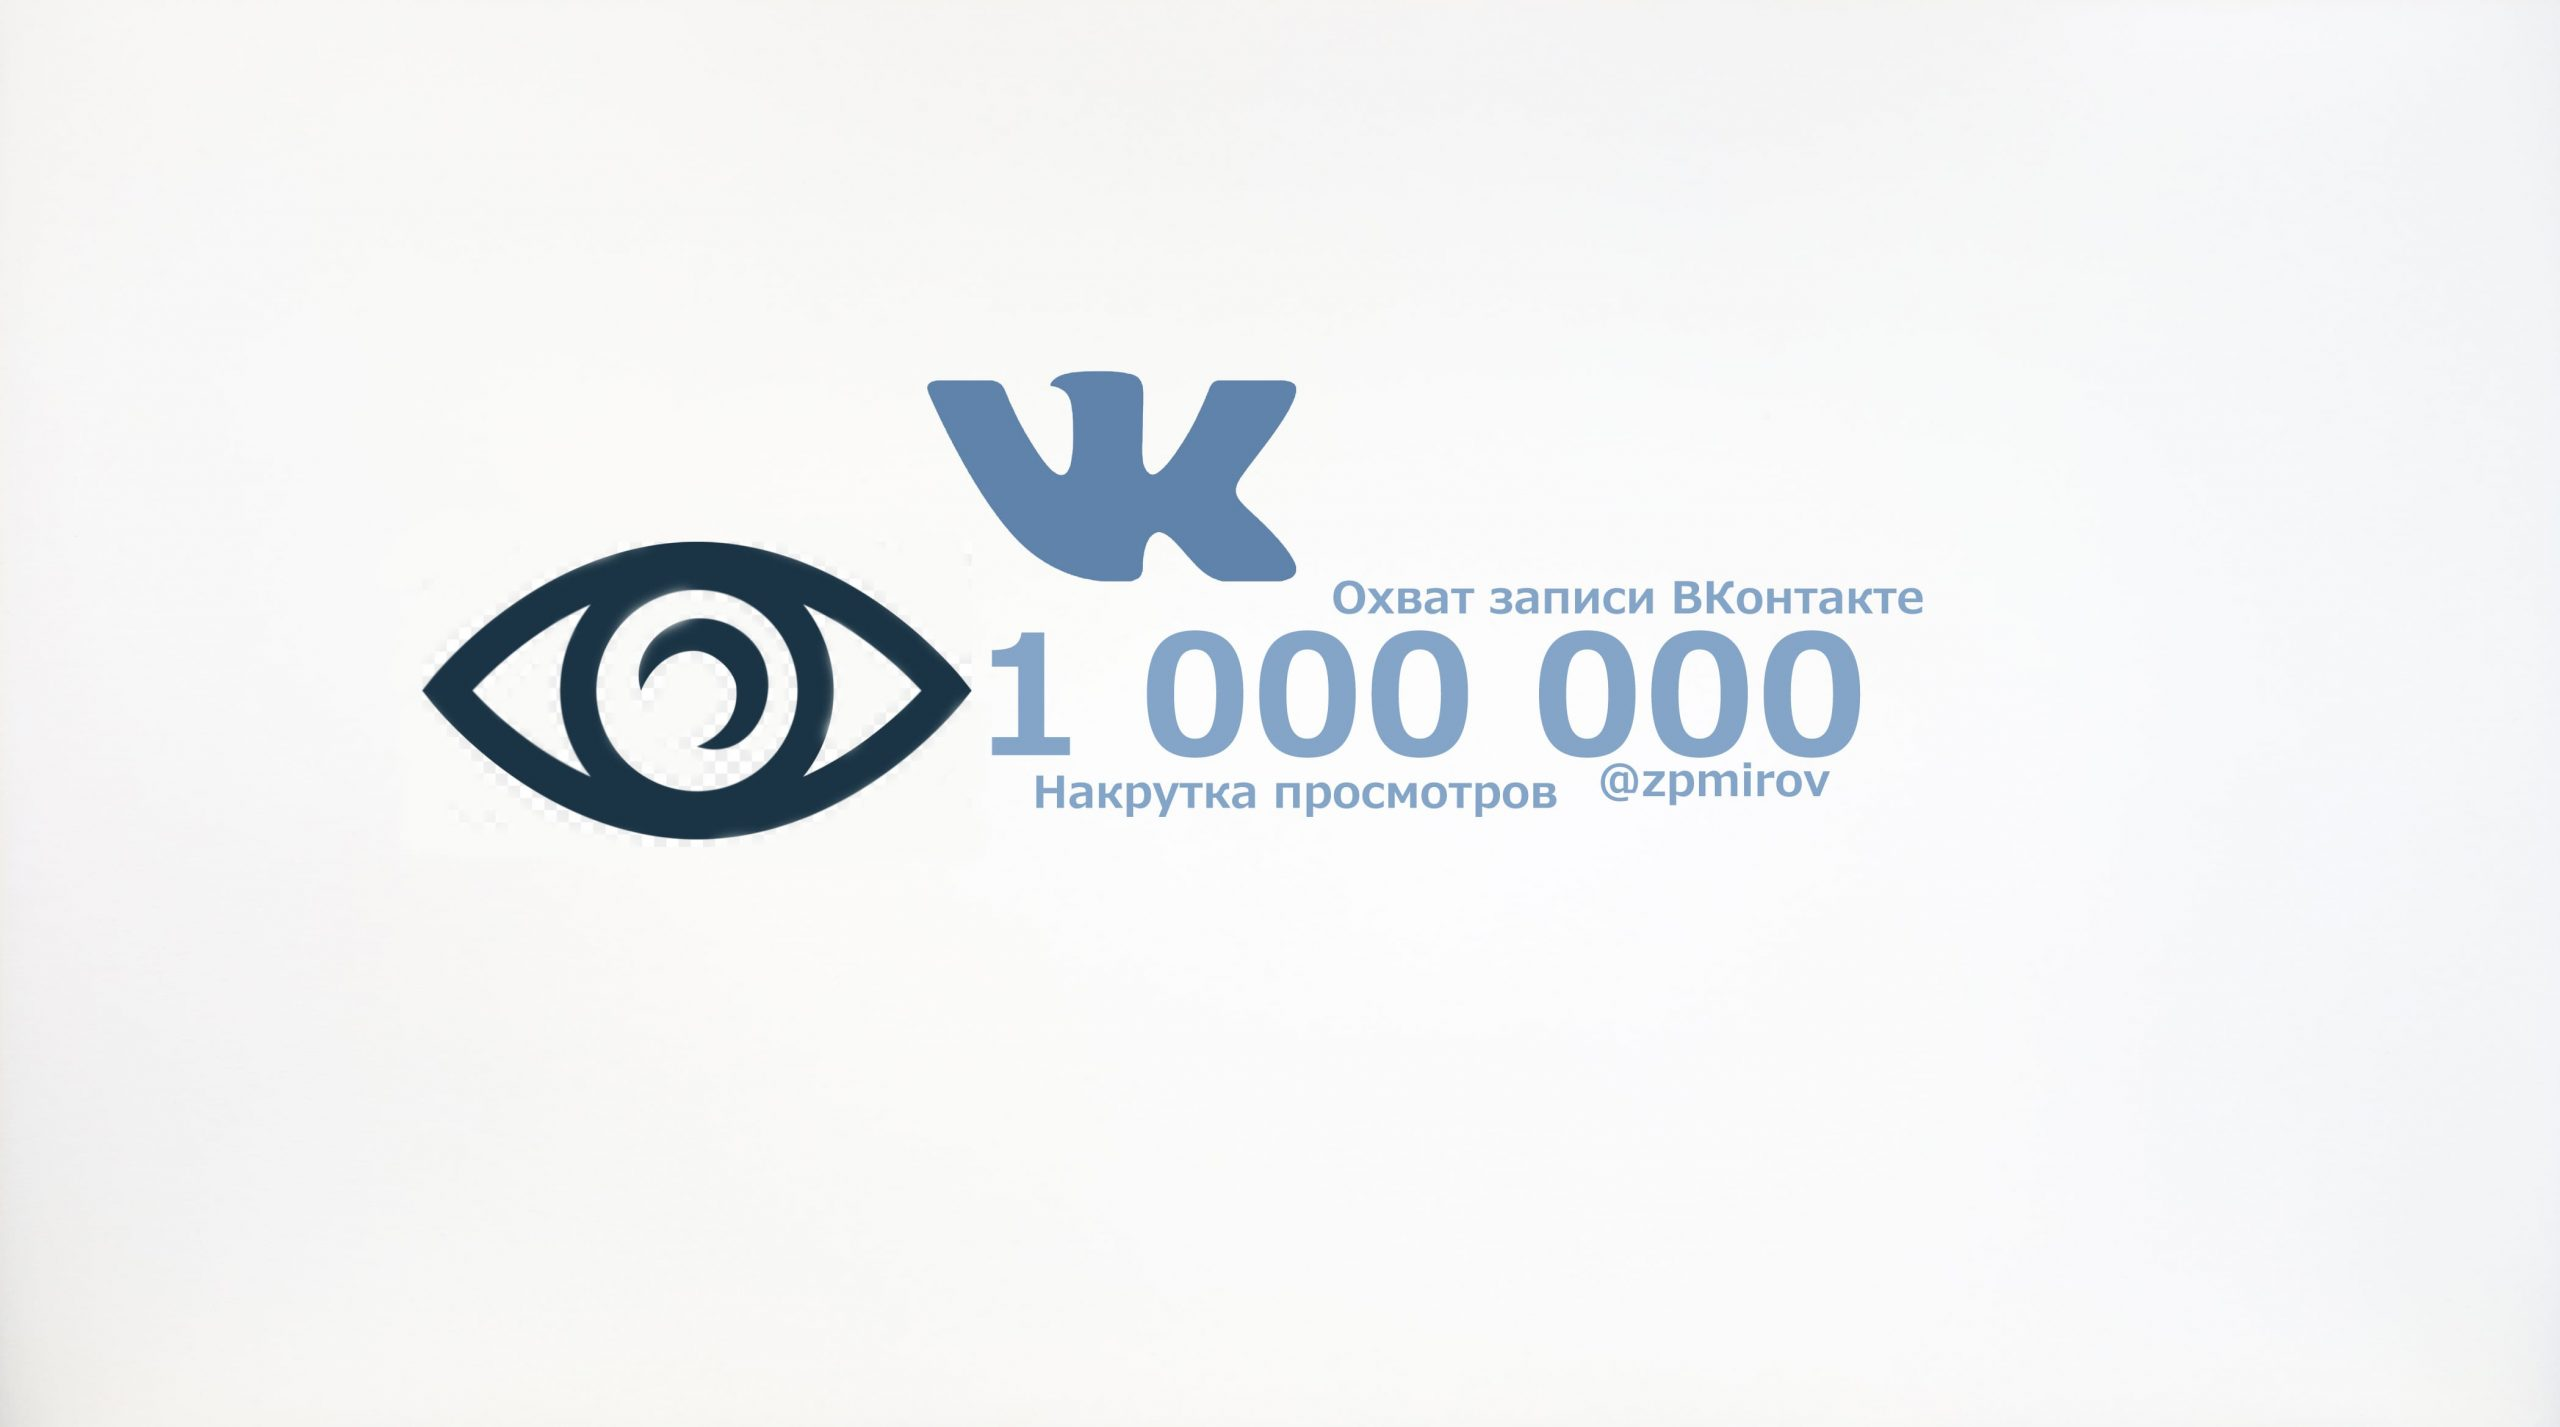 Накрутка записей ВКонтакте и охвата